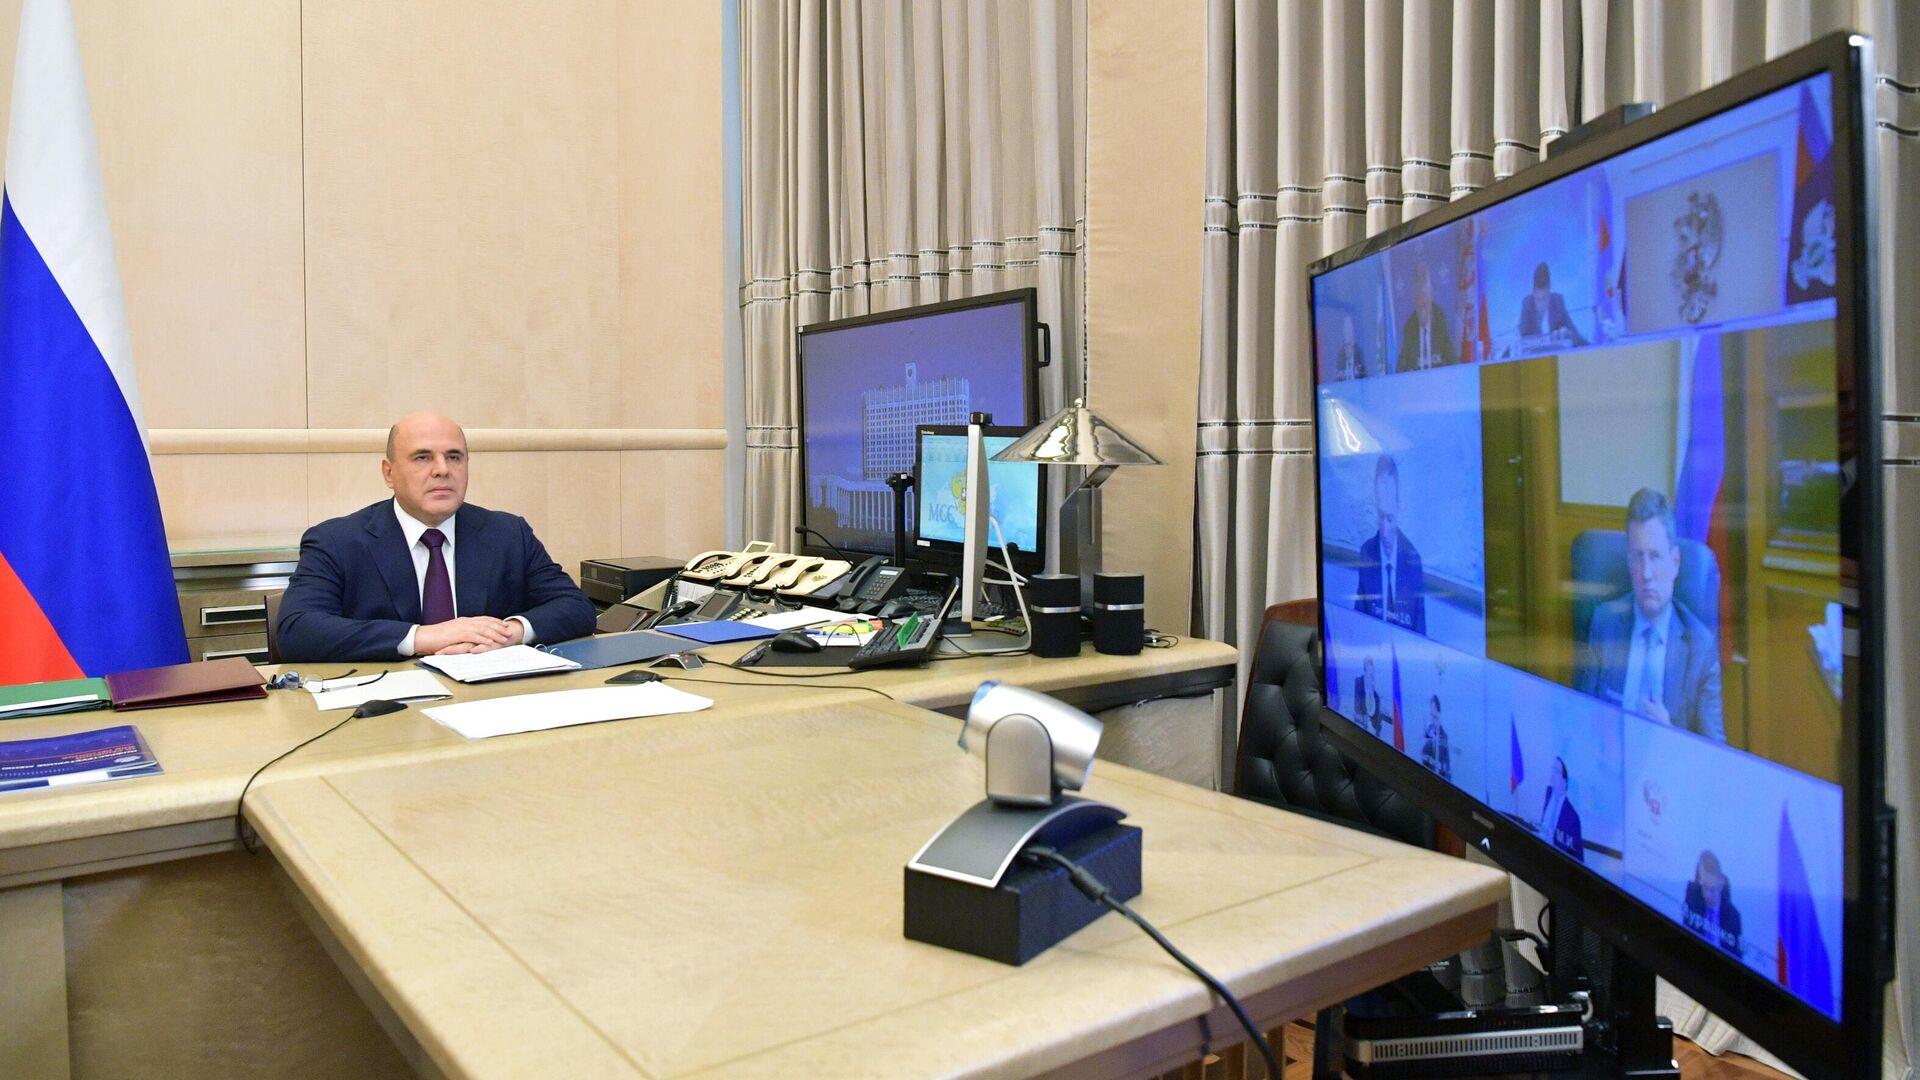 Председатель правительства РФ Михаил Мишустин проводит совещание с членами кабинета министров РФ - РИА Новости, 1920, 29.07.2021